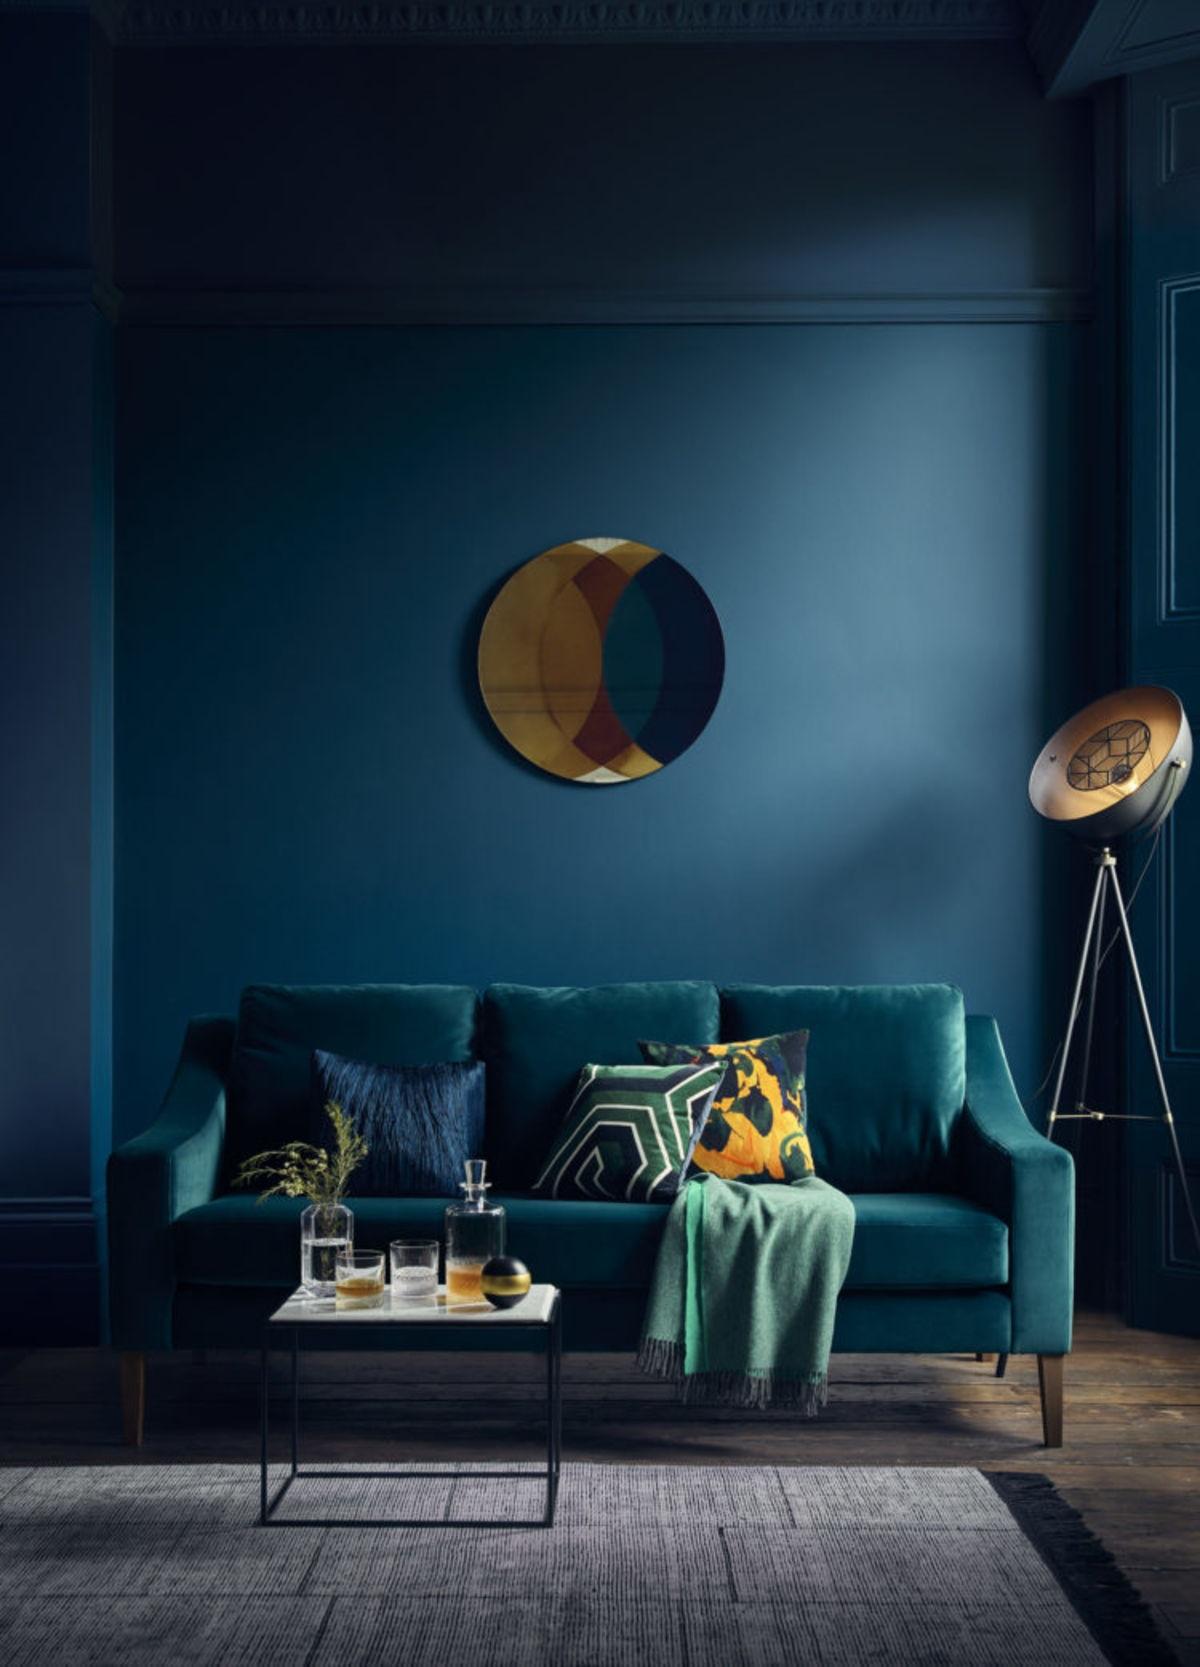 синий диван в темном помещении